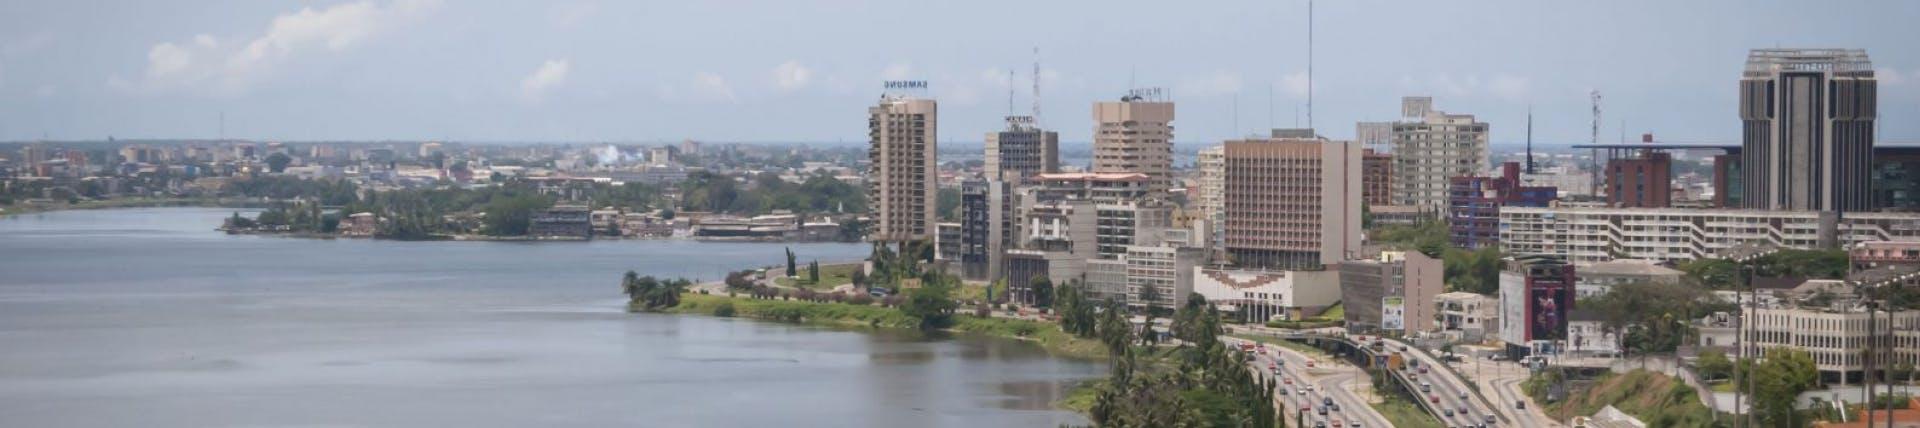 Picture of Abidjan